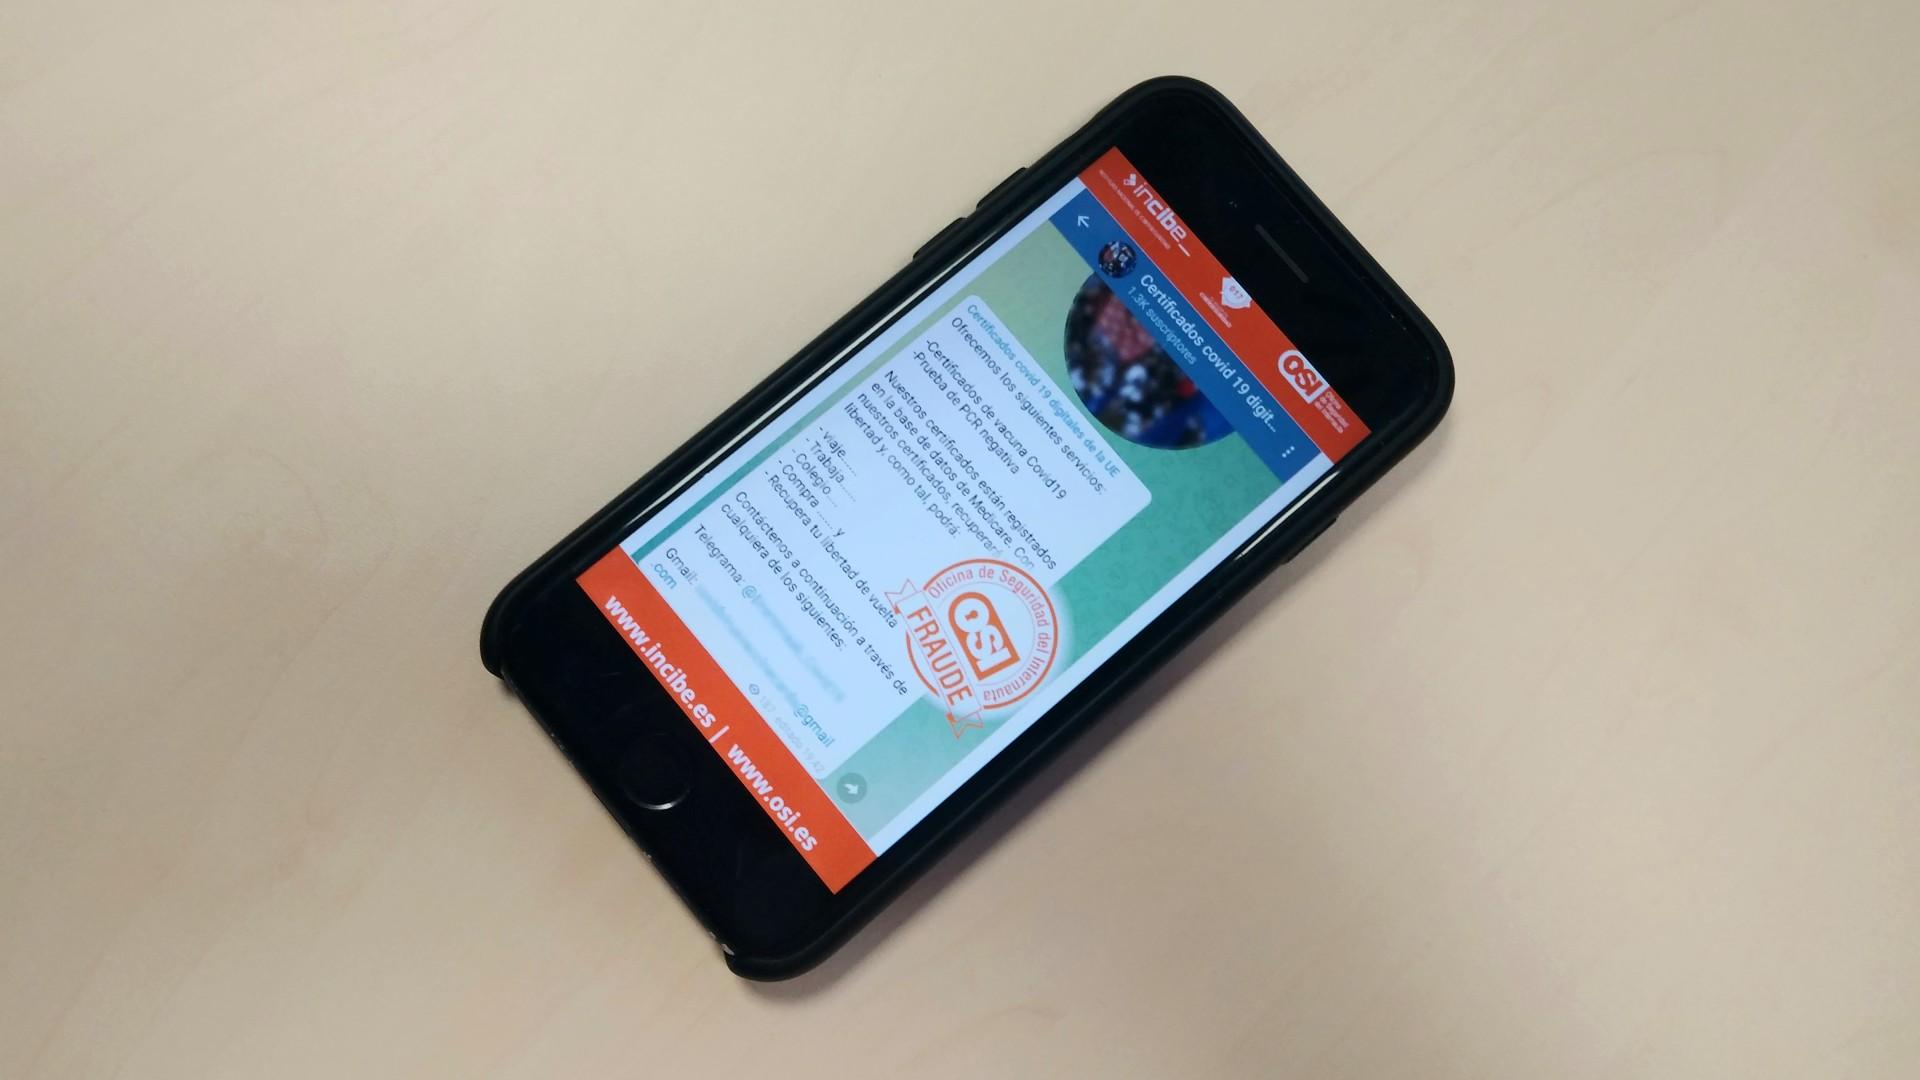 Un telèfon mòbil amb la informació de la ciberestafa per obtenir un certificat covid fals